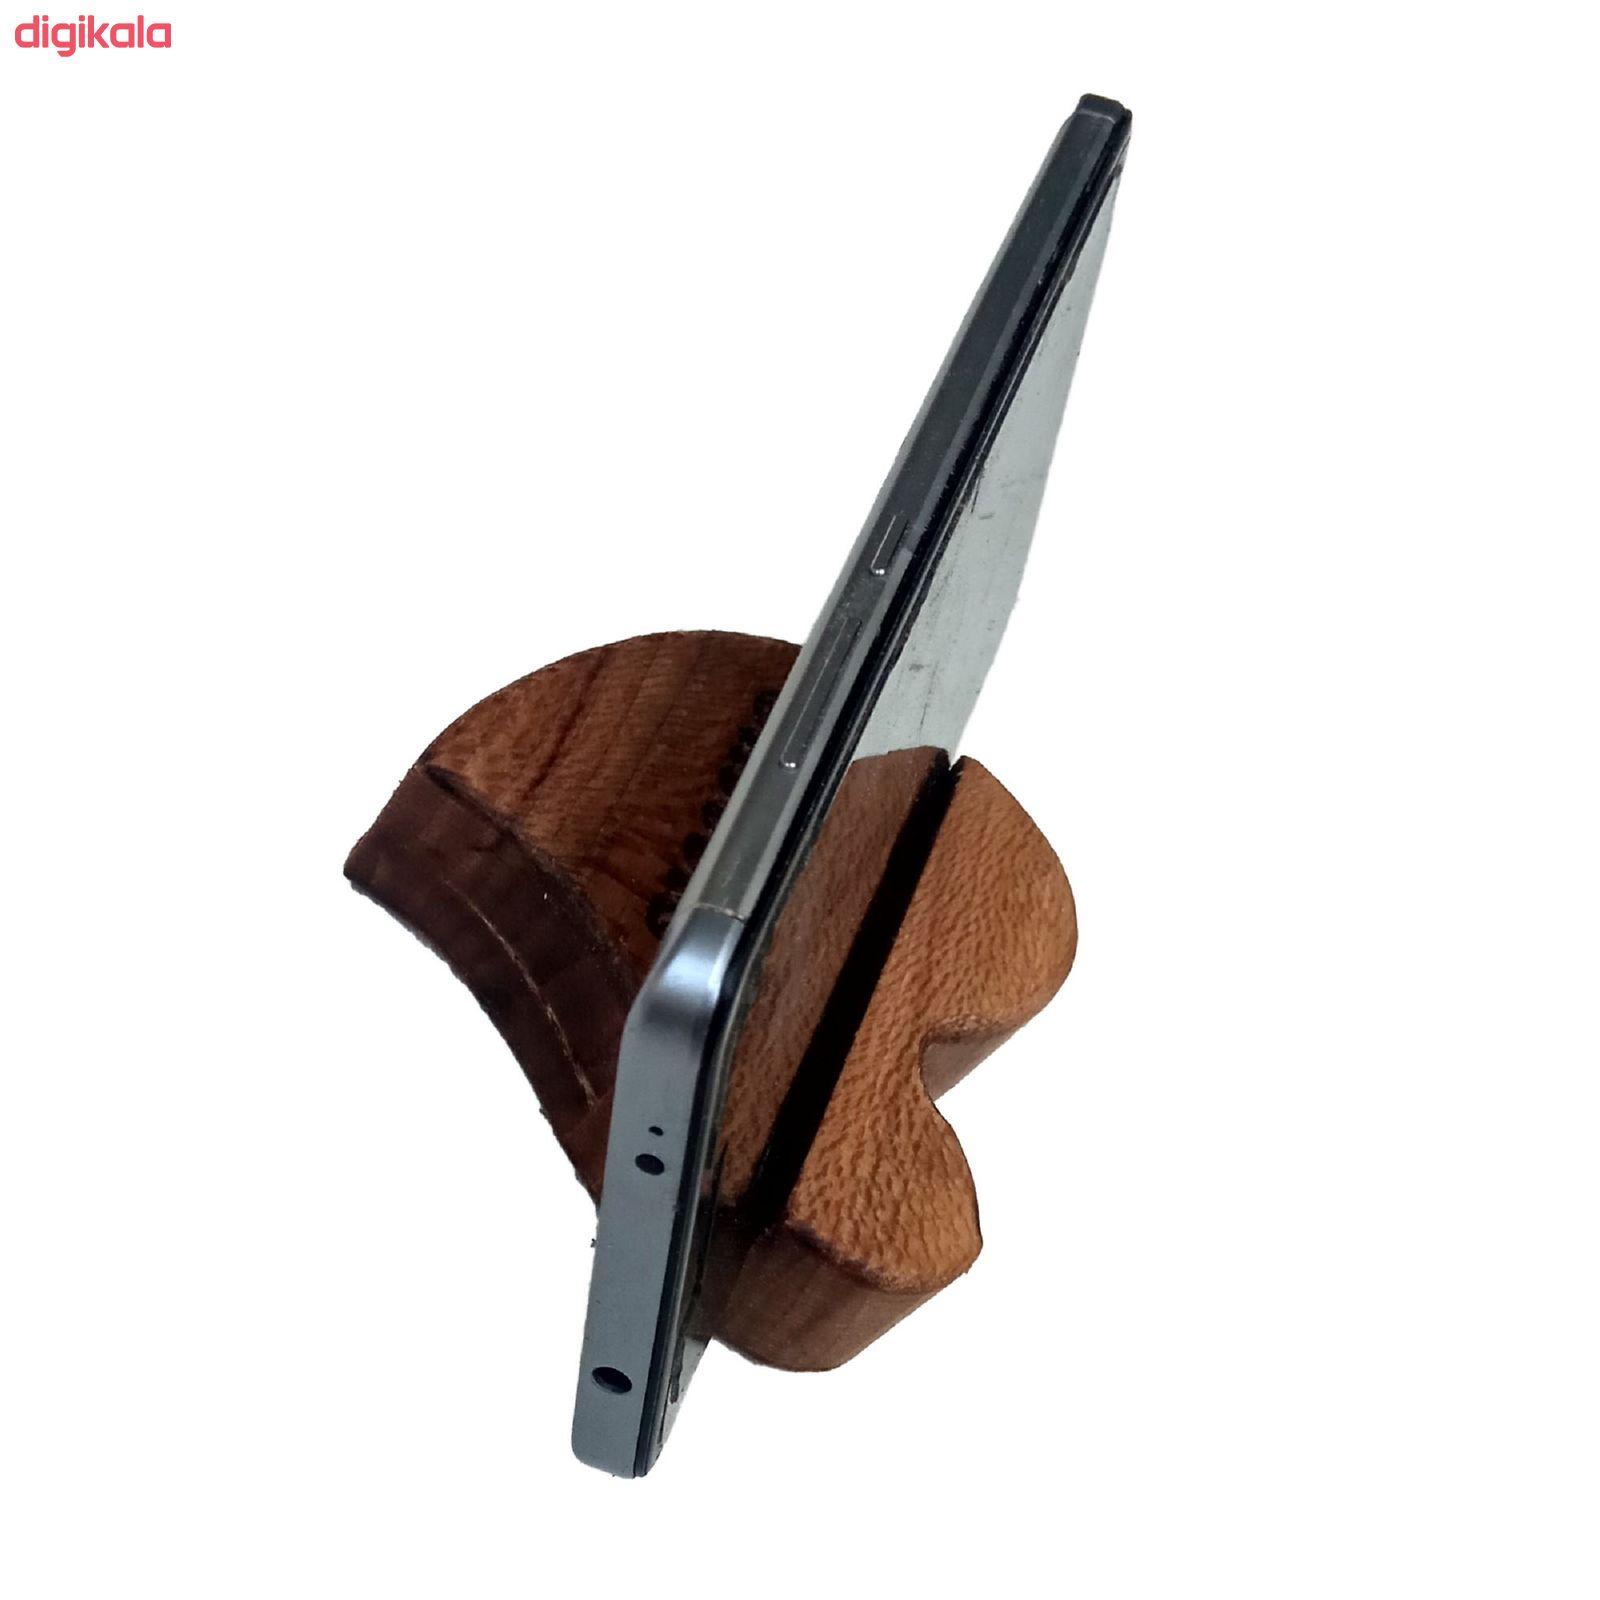 پایه نگهدارنده گوشی موبایل چوبیس کد ۱۰۳ main 1 4